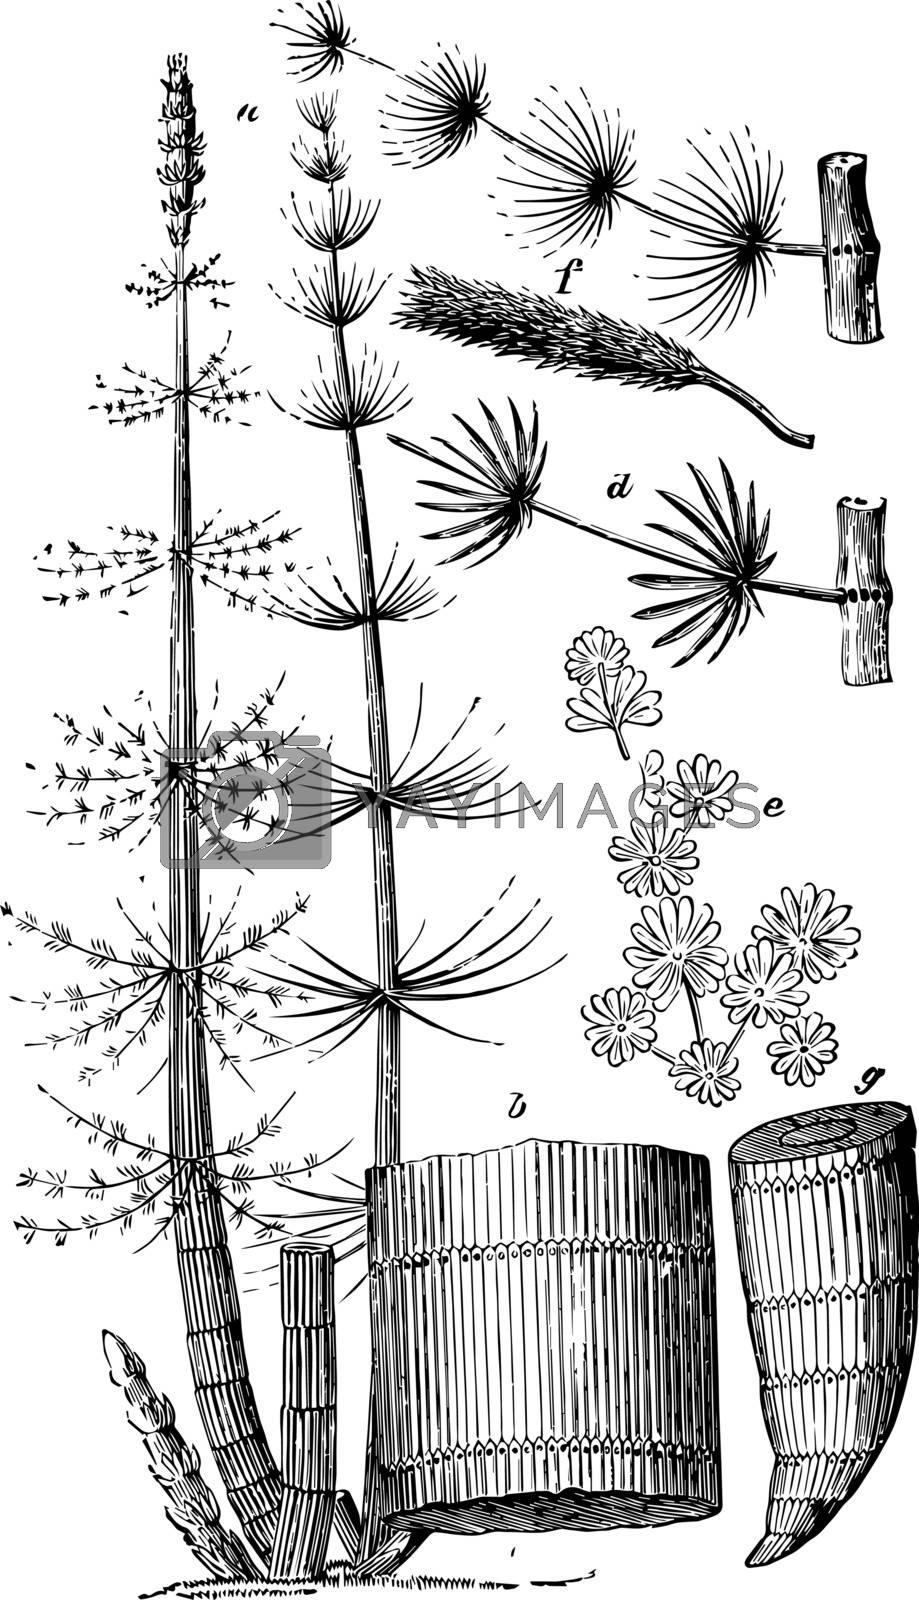 Calamites vintage illustration.  by Morphart